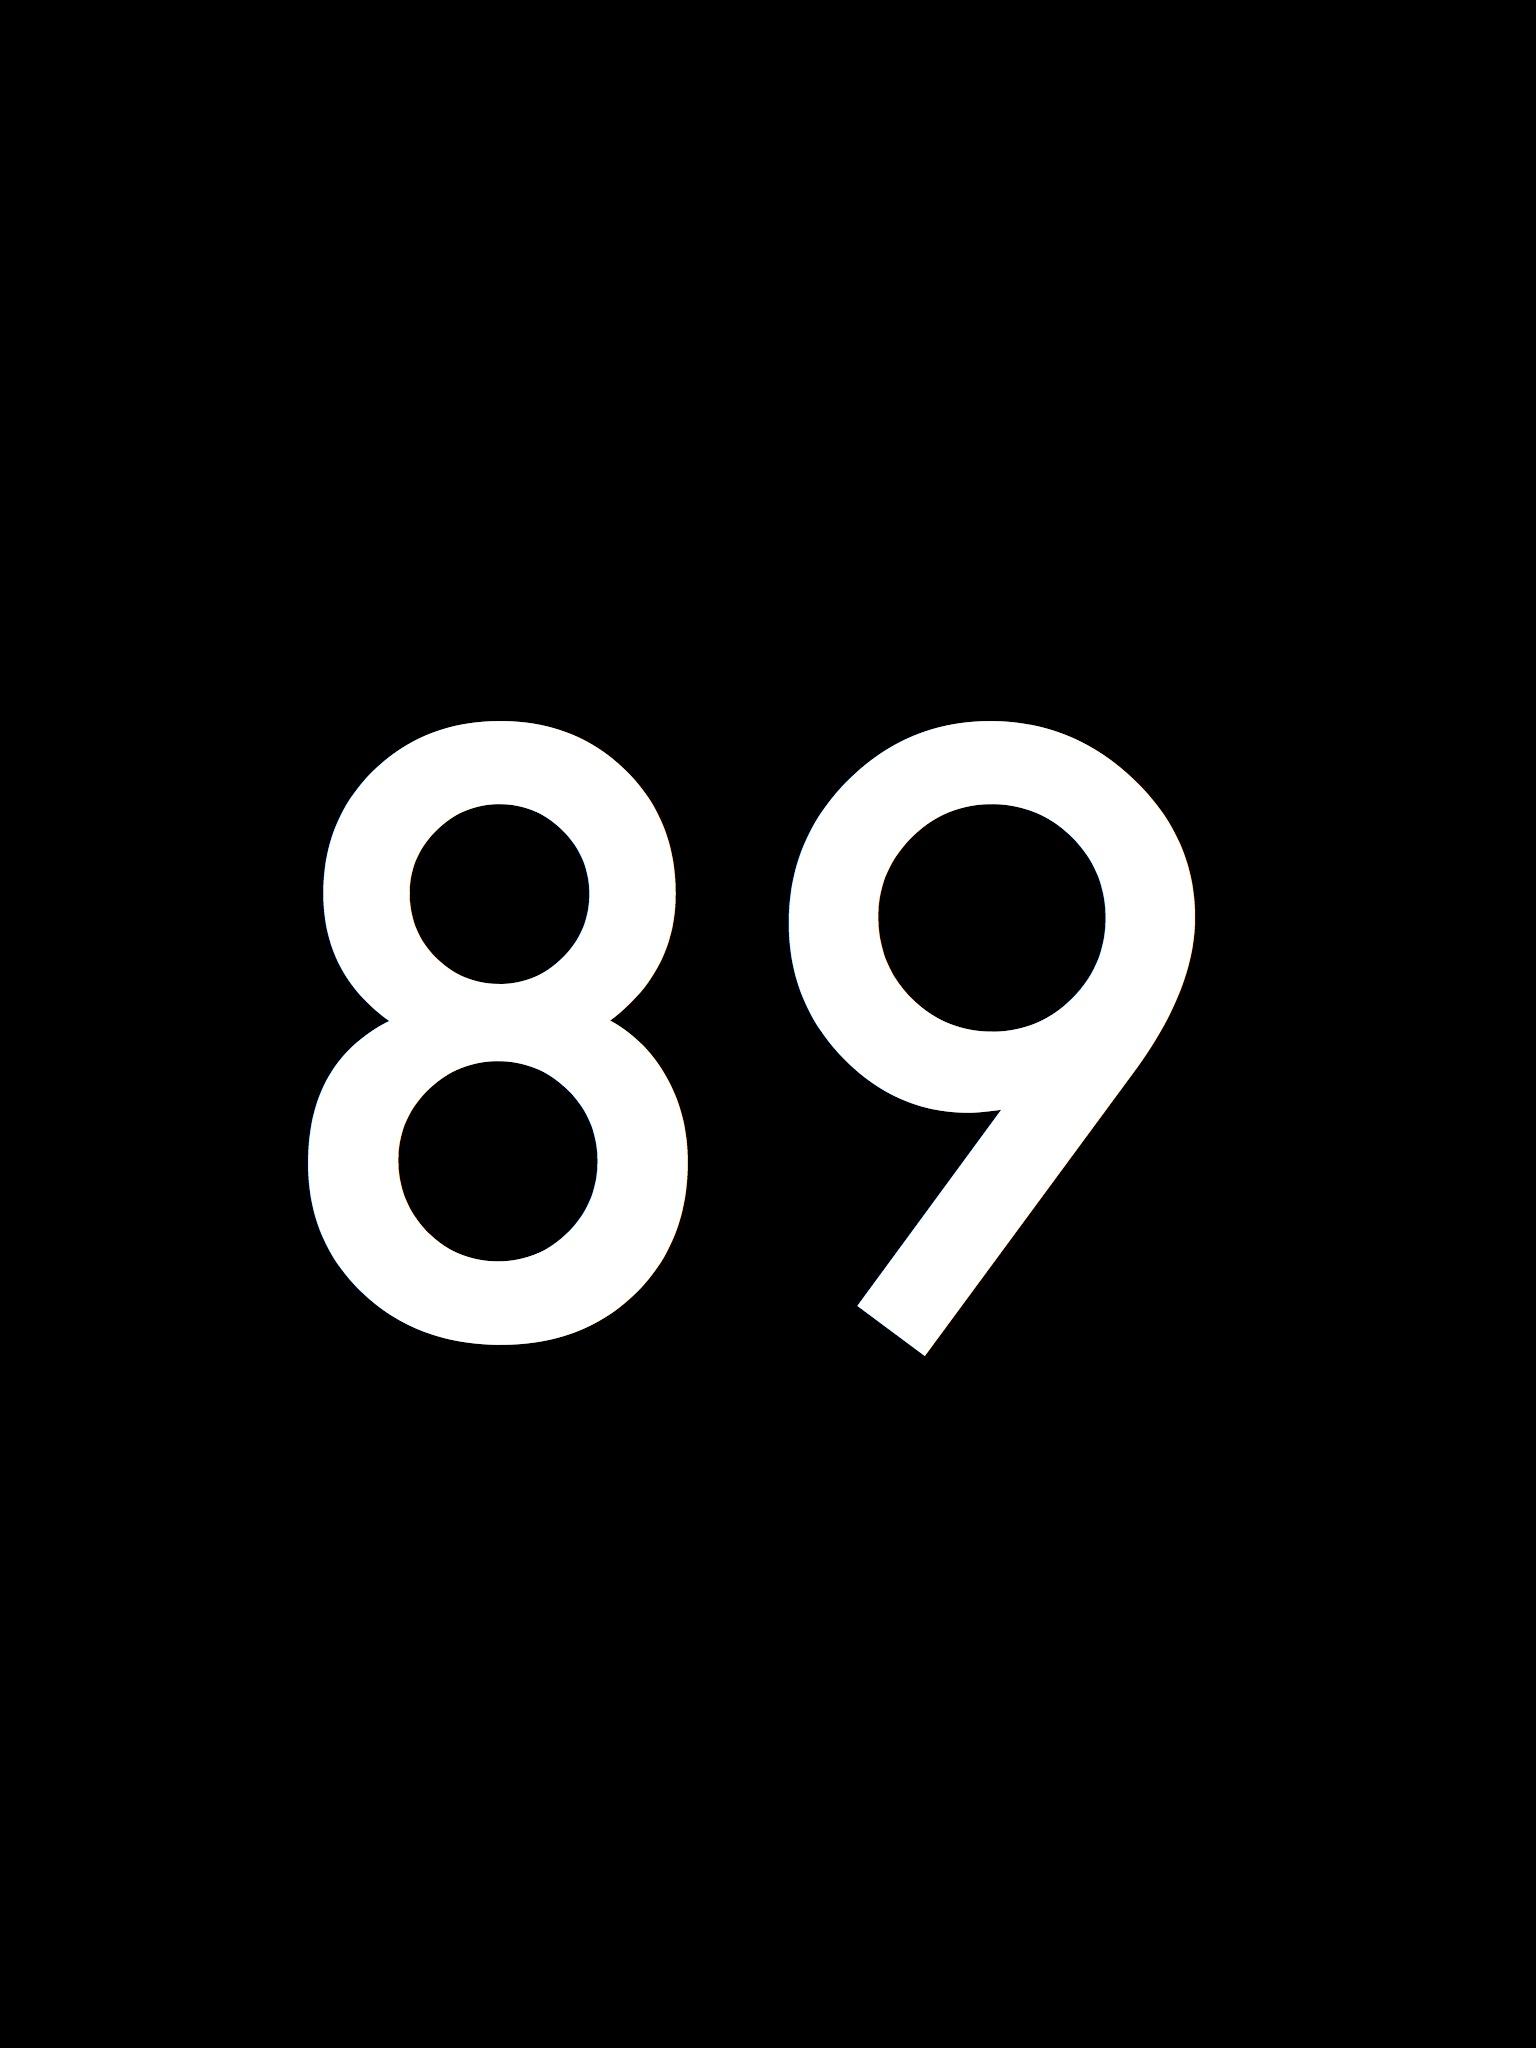 Black_Number.089.jpg